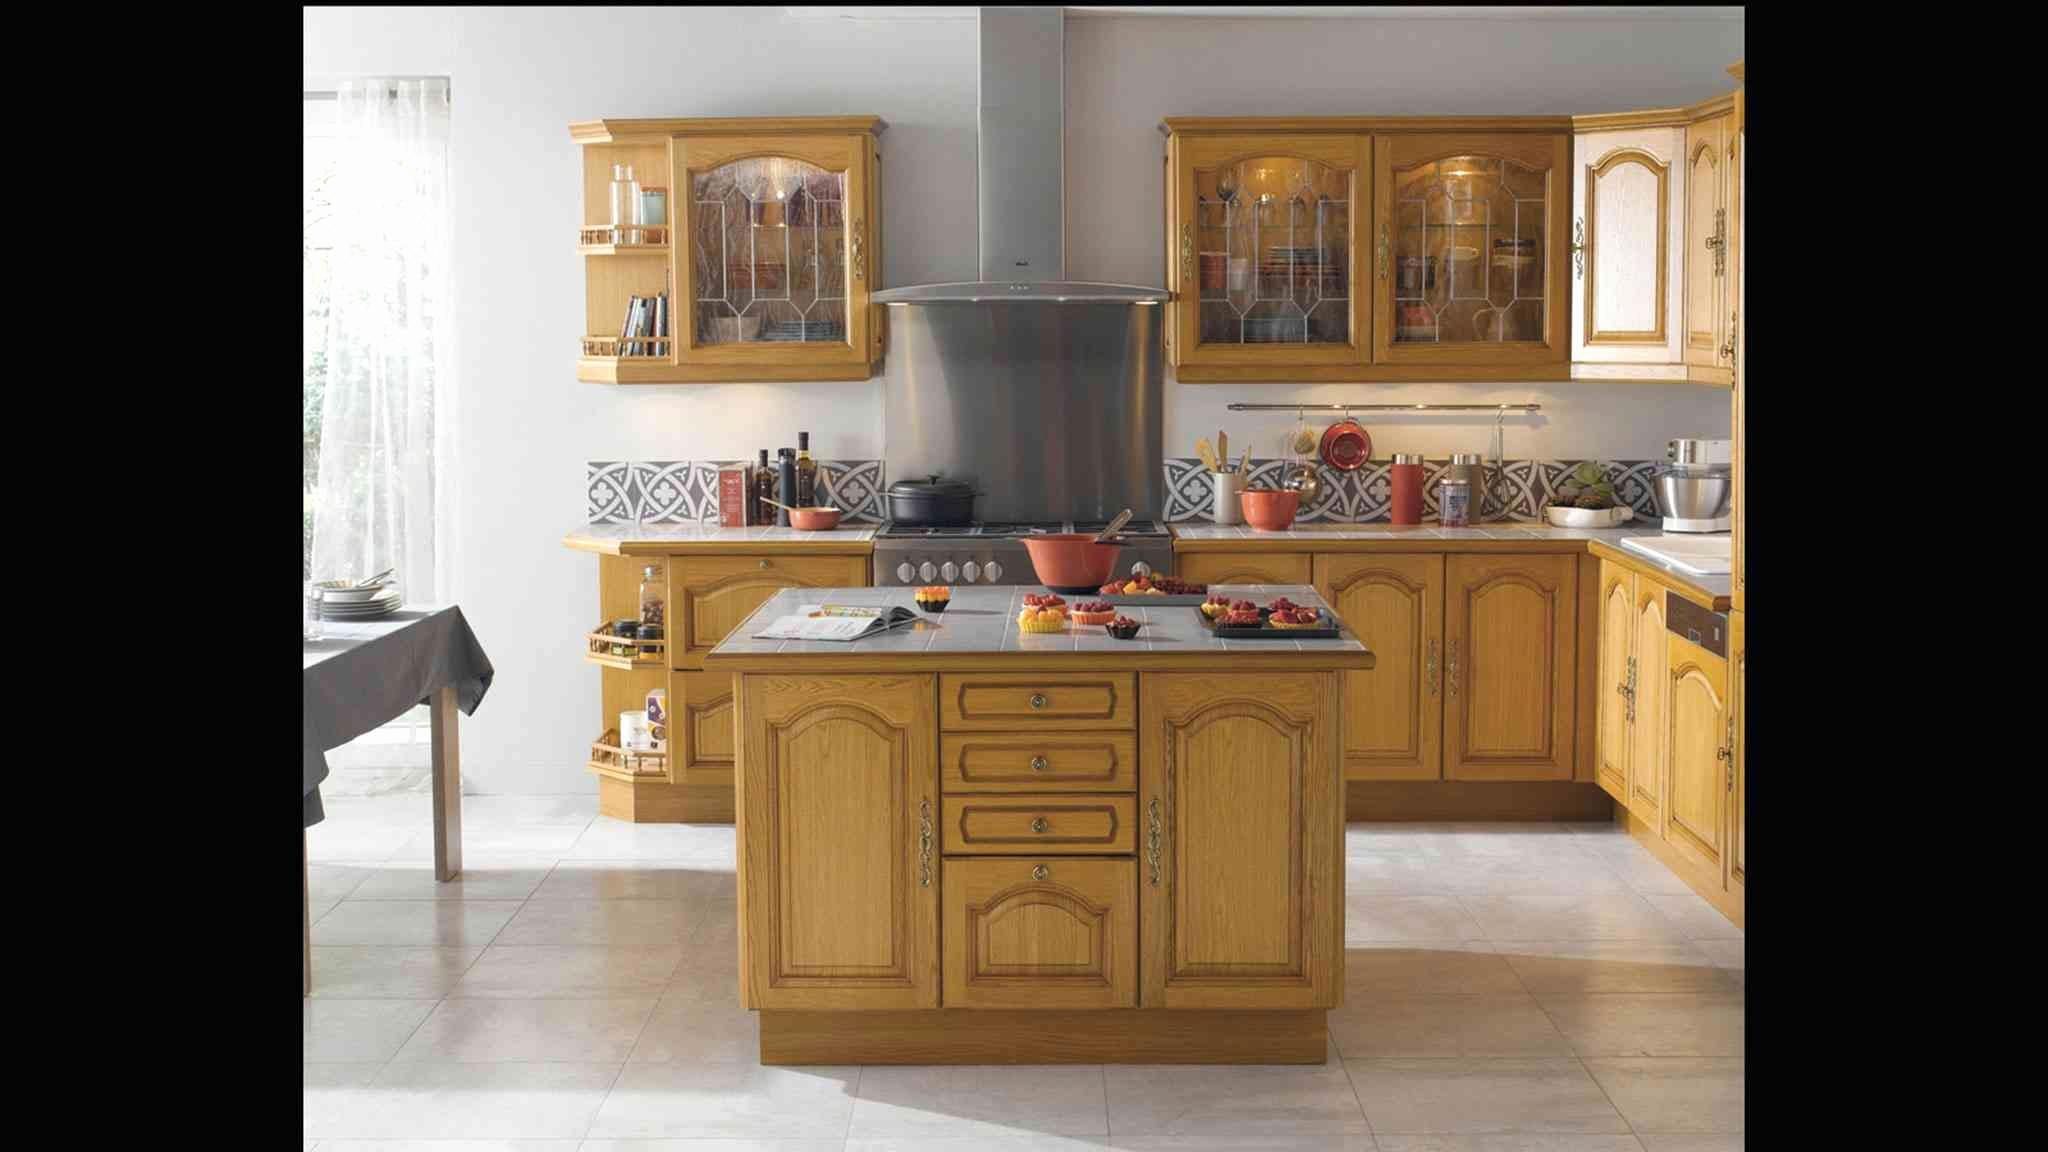 Meuble Cuisine Exterieur Pas Cher Luxe Galerie Meuble Bas De Cuisine Pas Cher Luxe Meuble Bas Angle Frais Cuisine